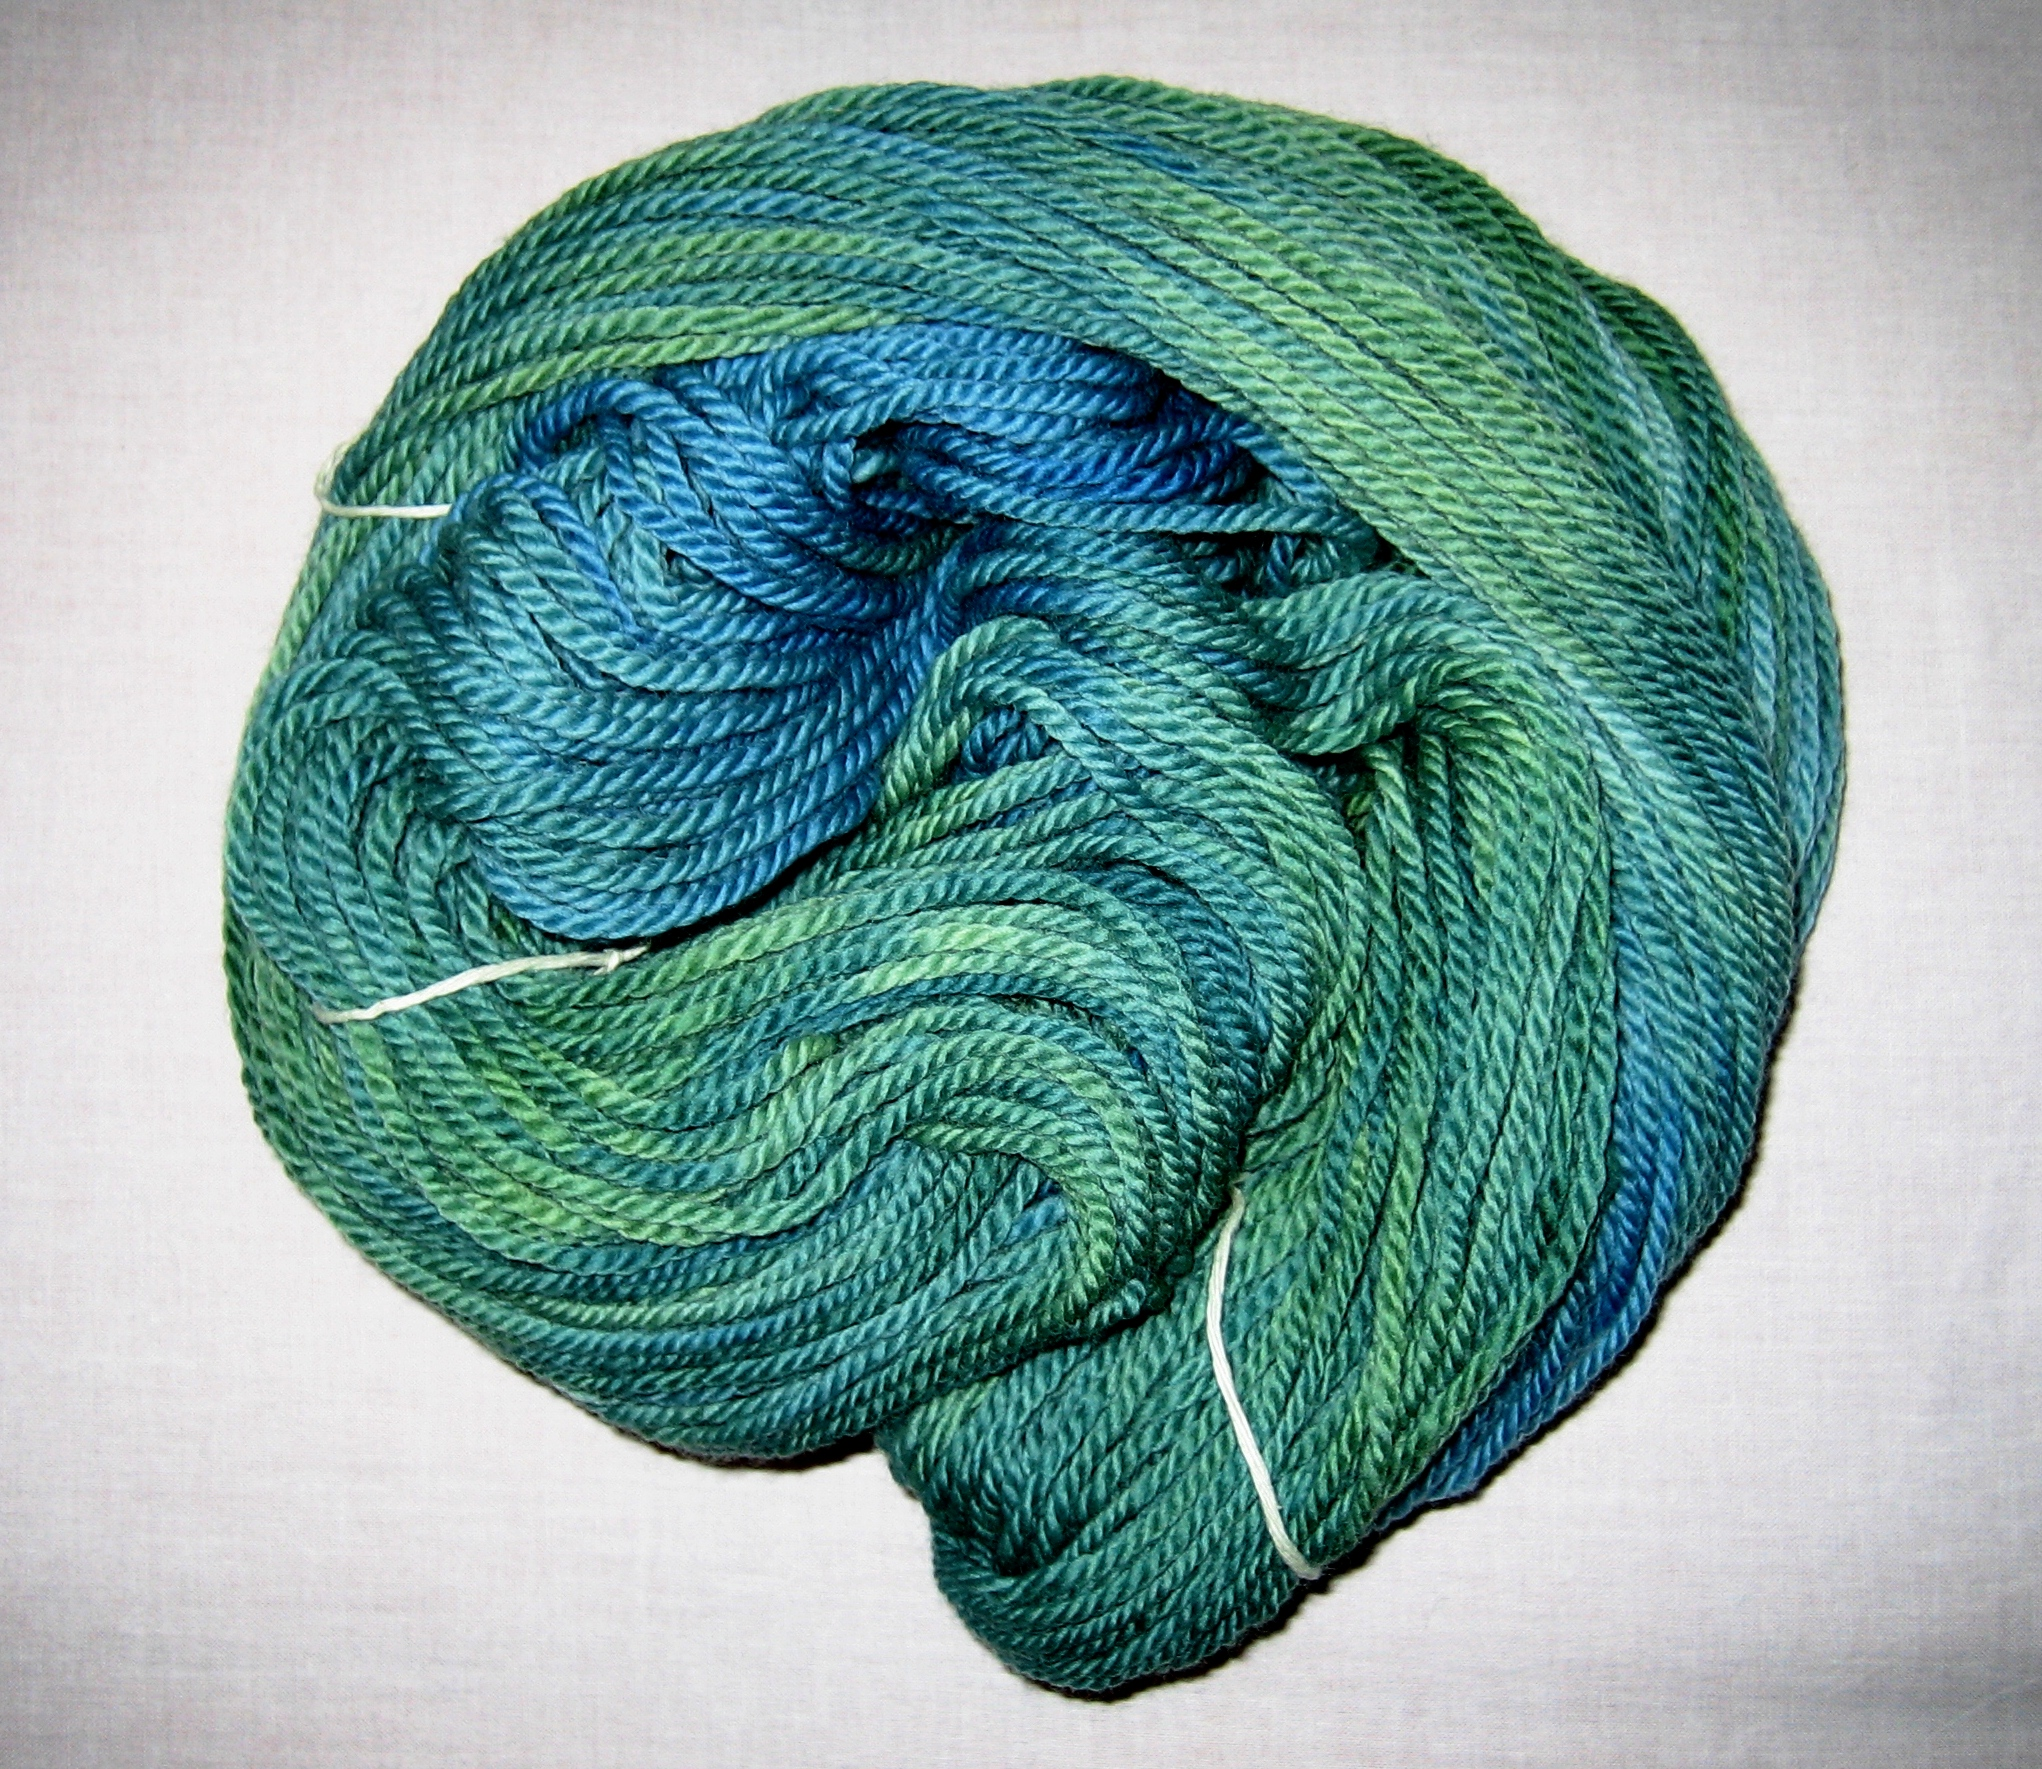 garnyarn-håndfarvet-garn-tyk-merinould-superwash-groen-blaagroen